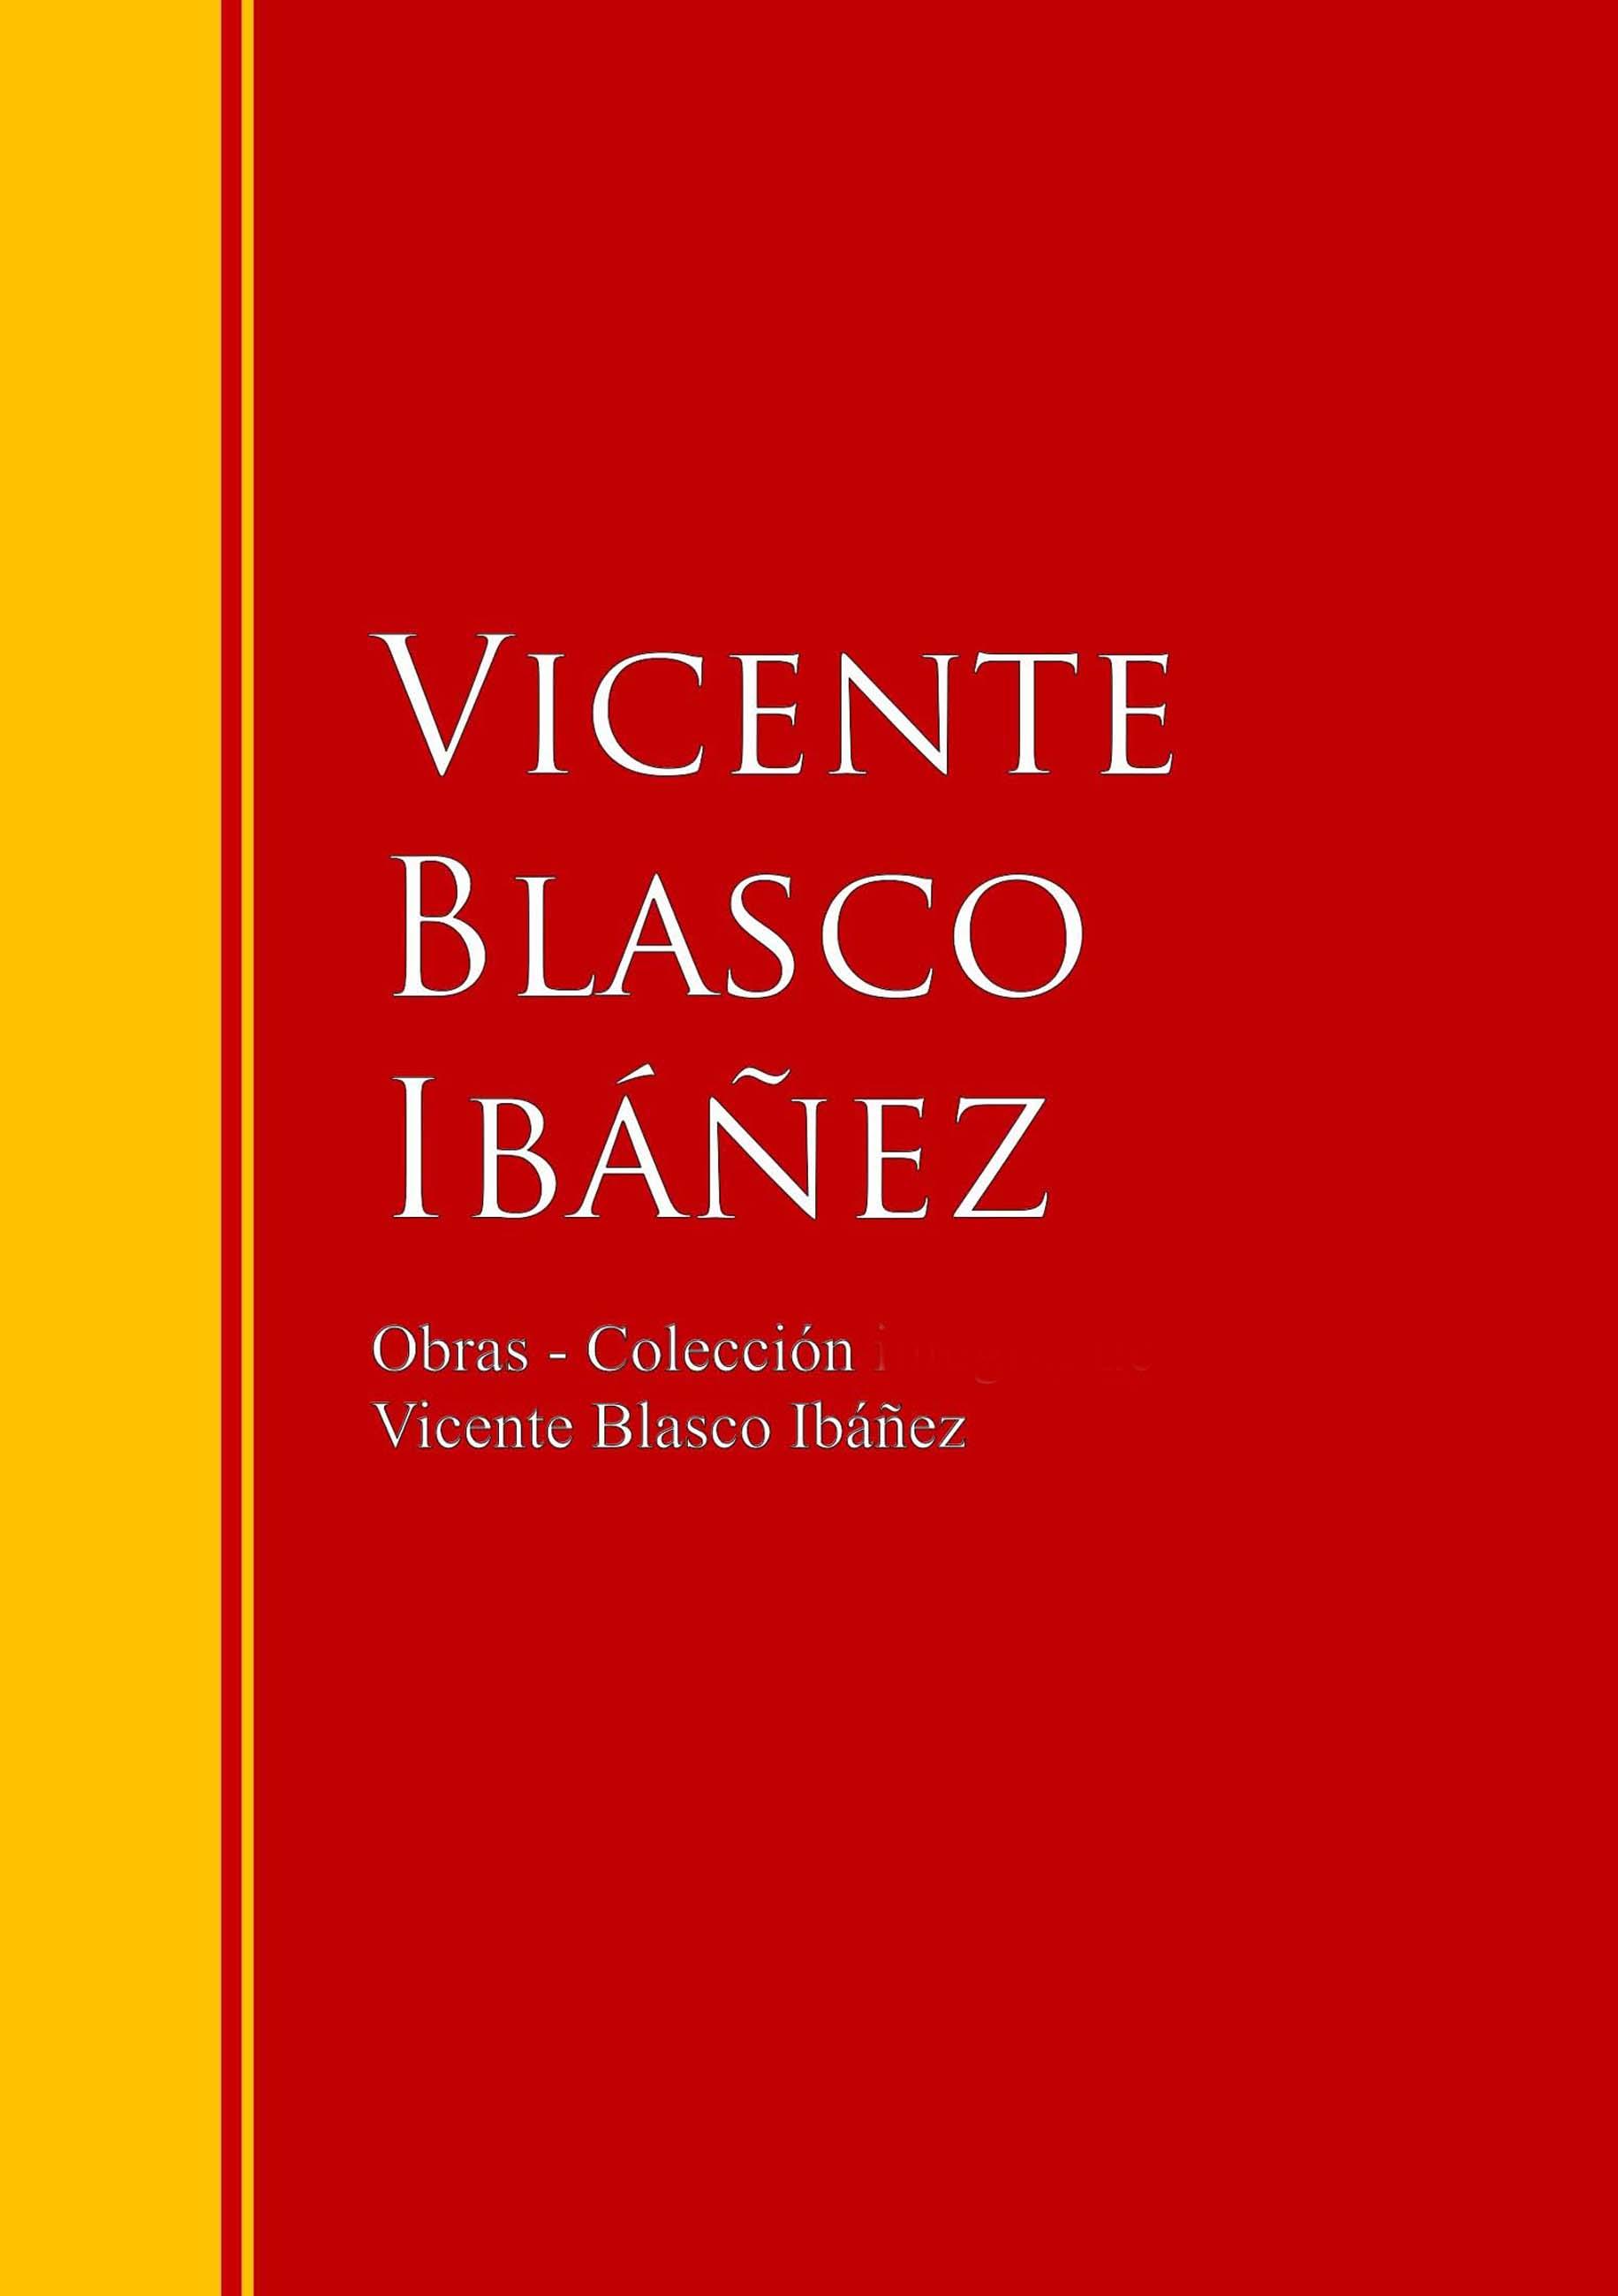 Vicente Blasco Ibáñez Obras - Colección de Vicente Blasco Ibáñez